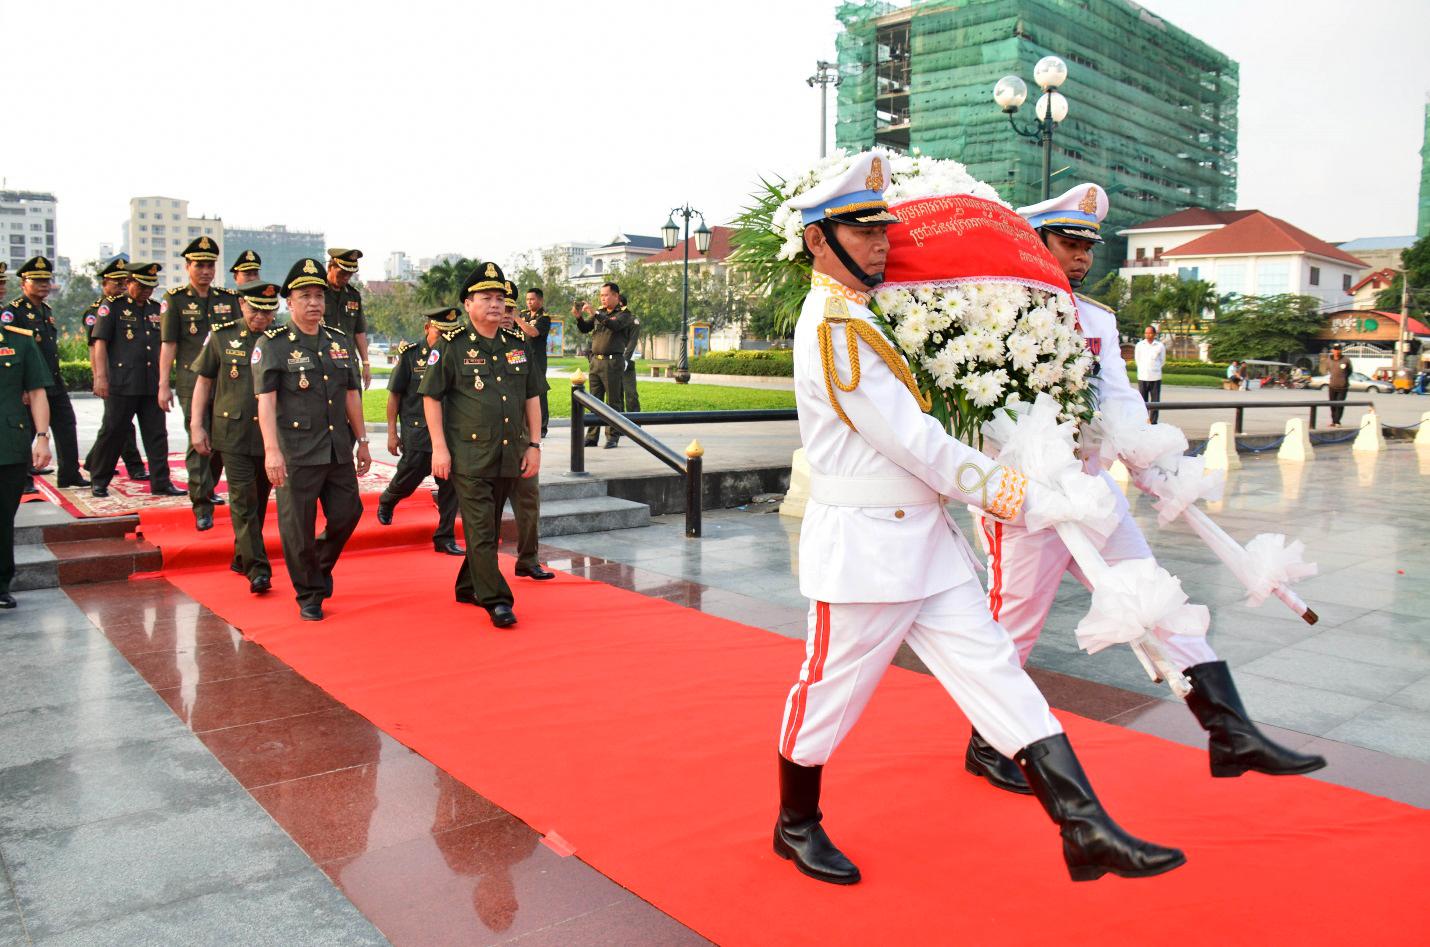 Đại tướng Chhieng Om, Quốc vụ khanh Bộ Quốc phòng dẫn đầu Đoàn đại biểu Quân đội Hoàng gia Campuchia đến dâng hương và đặt vòng hoa tại Đài Hữu nghị Việt Nam - Campuchia. Ảnh: TTXVN